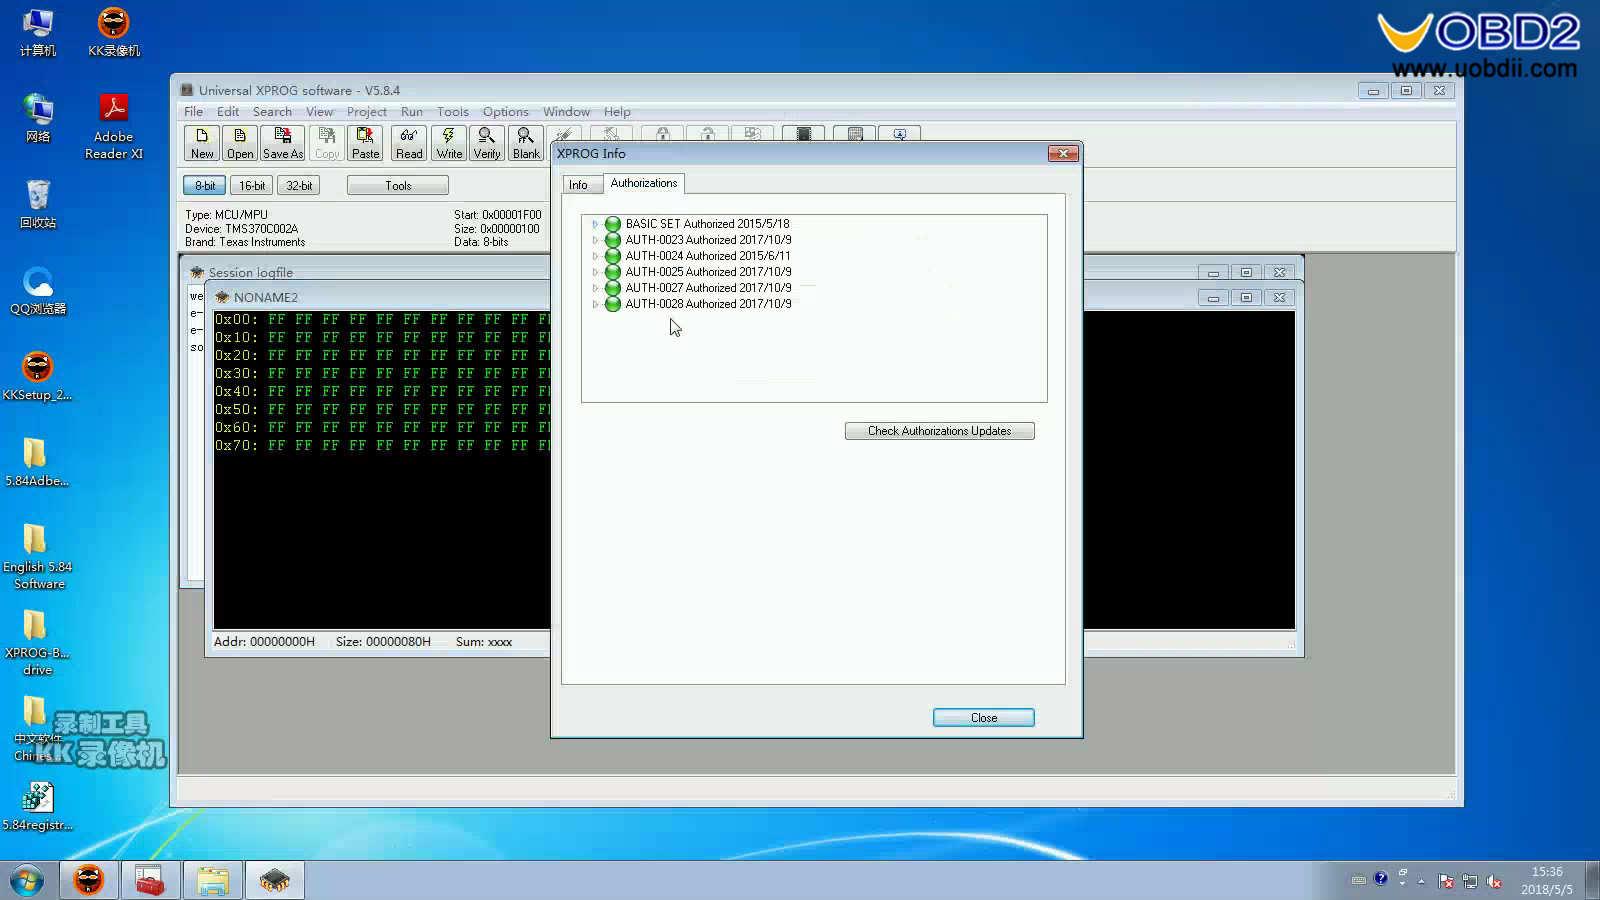 xprog-5-84-win7-64bit-install-15